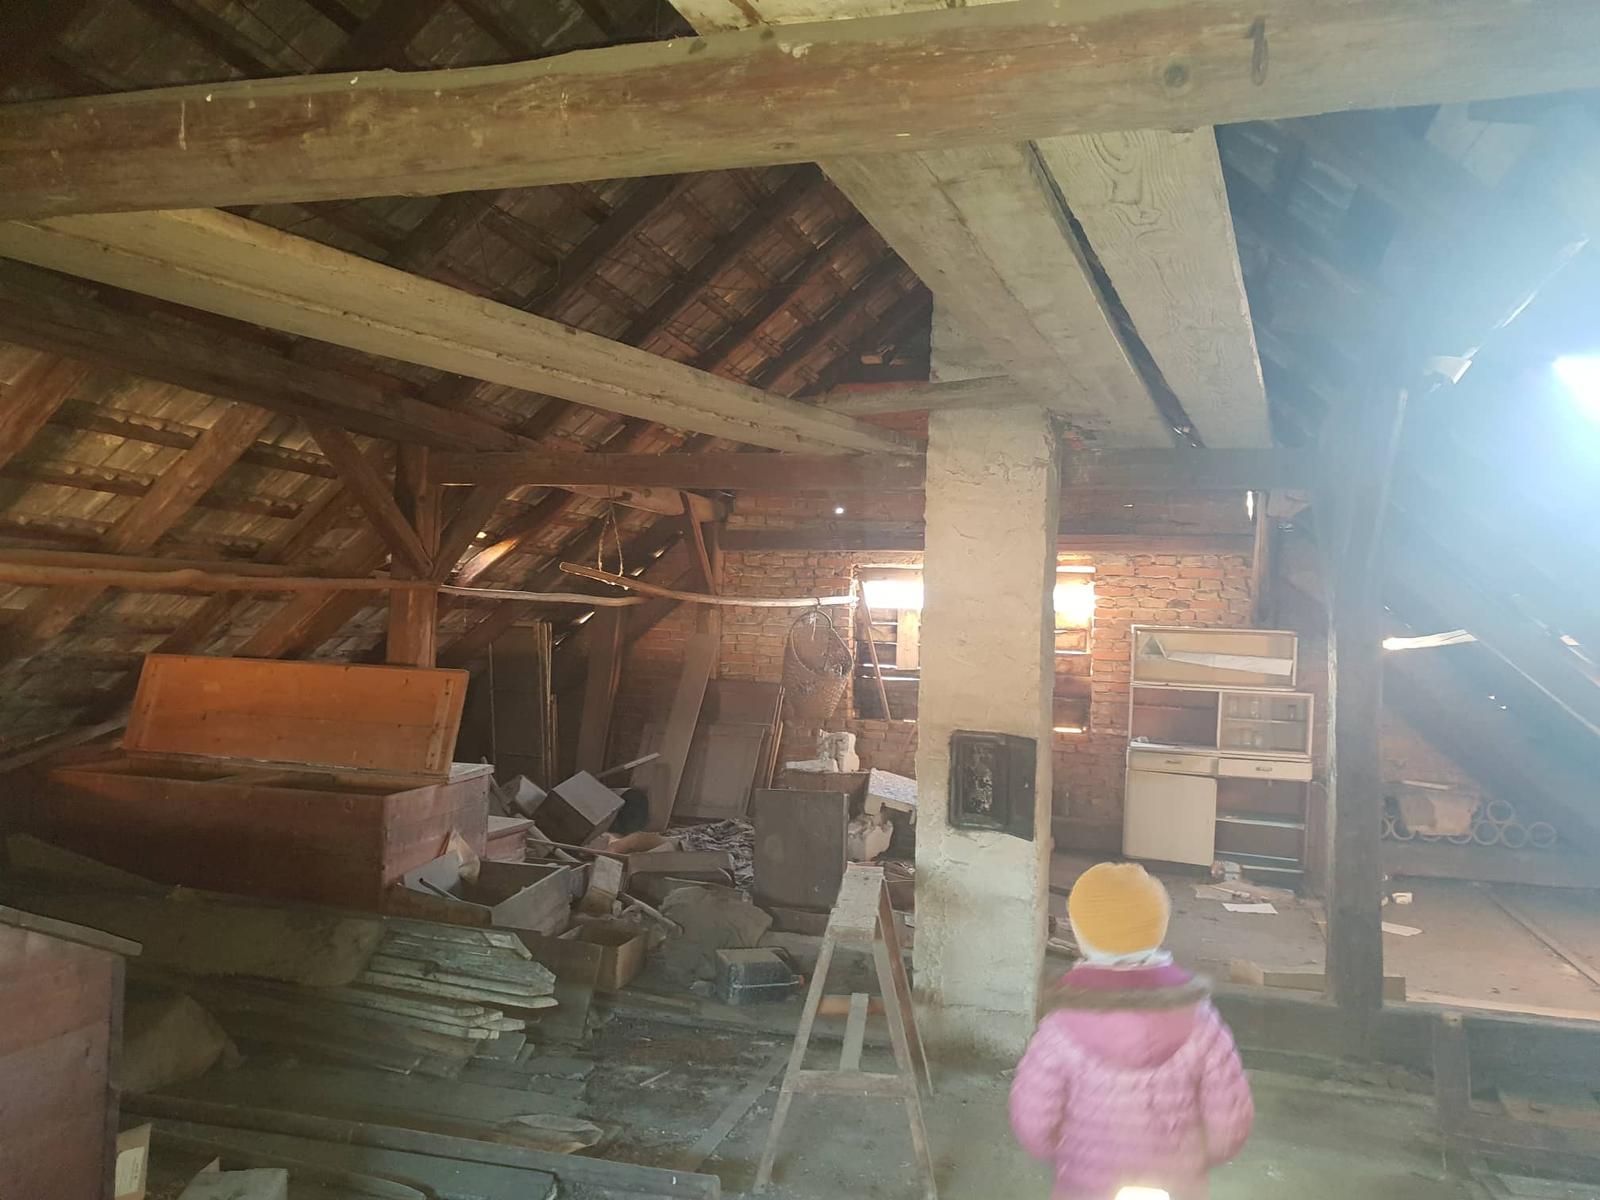 Rekonštrukcia domu-alebo chceme si splniť sen =》🏠🌻🌼🐶  mat domcek a vratit sa na Slovensko - povala